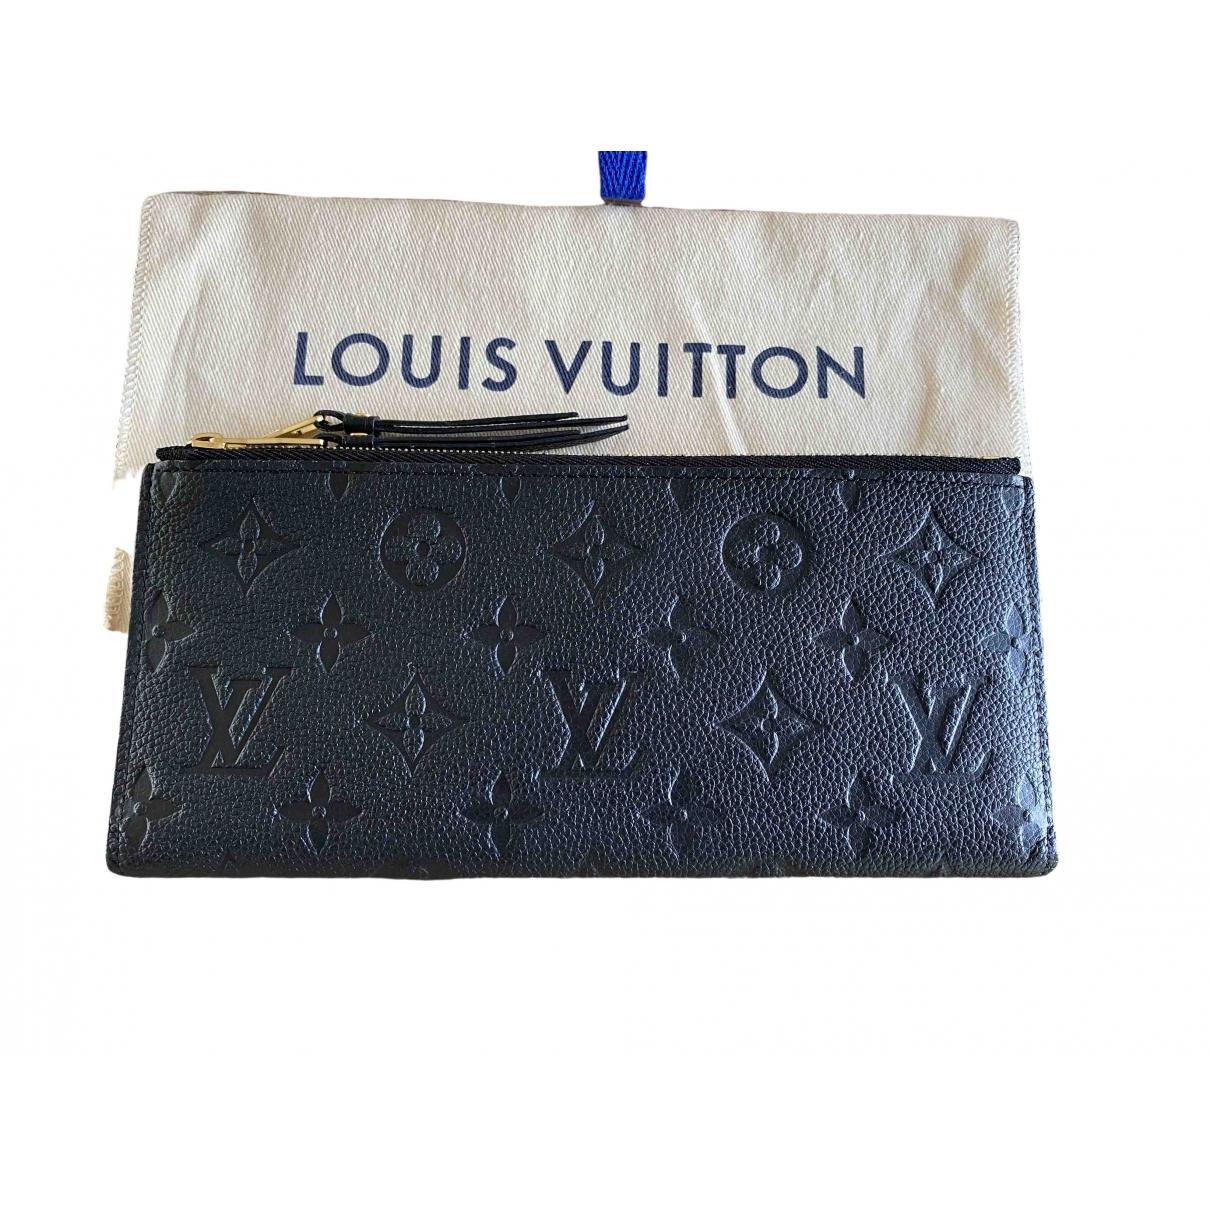 Louis Vuitton - Portefeuille Adele pour femme en cuir - noir